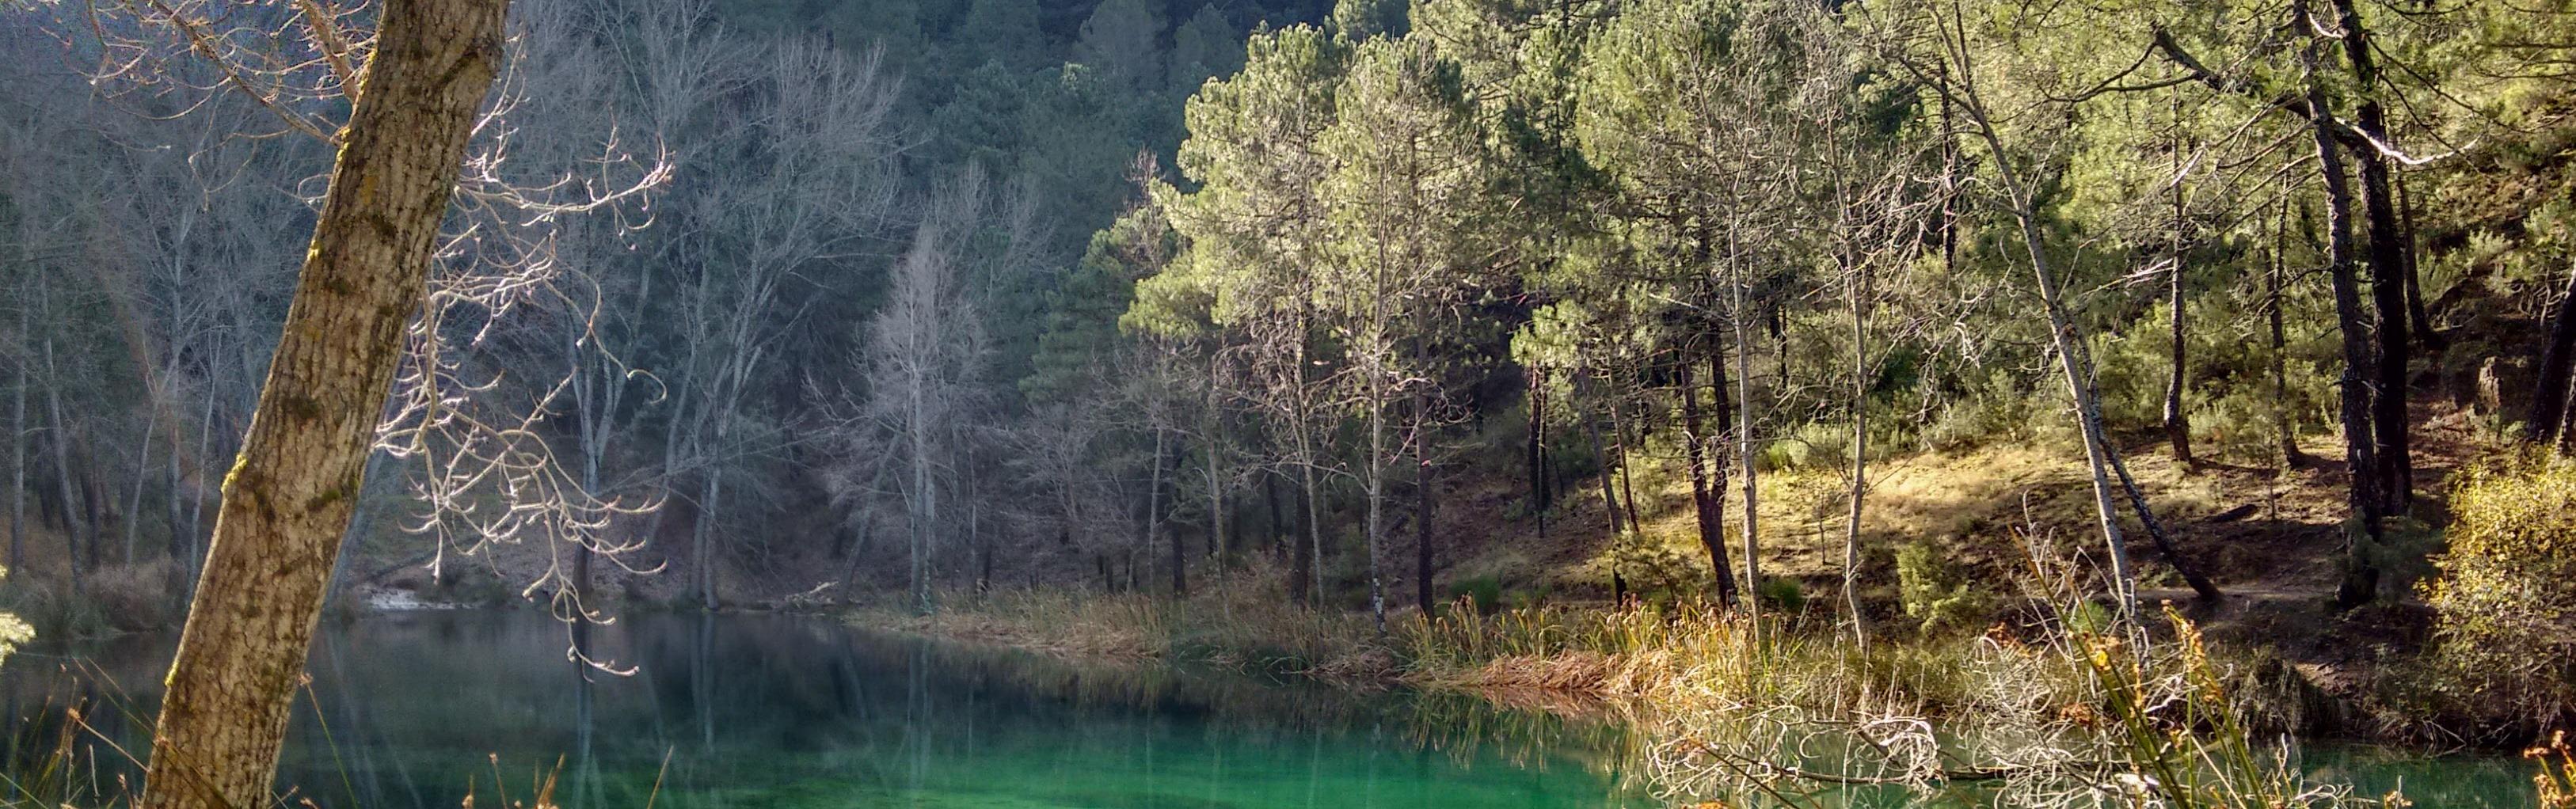 Para descansar y disfrutar de la belleza de la naturaleza